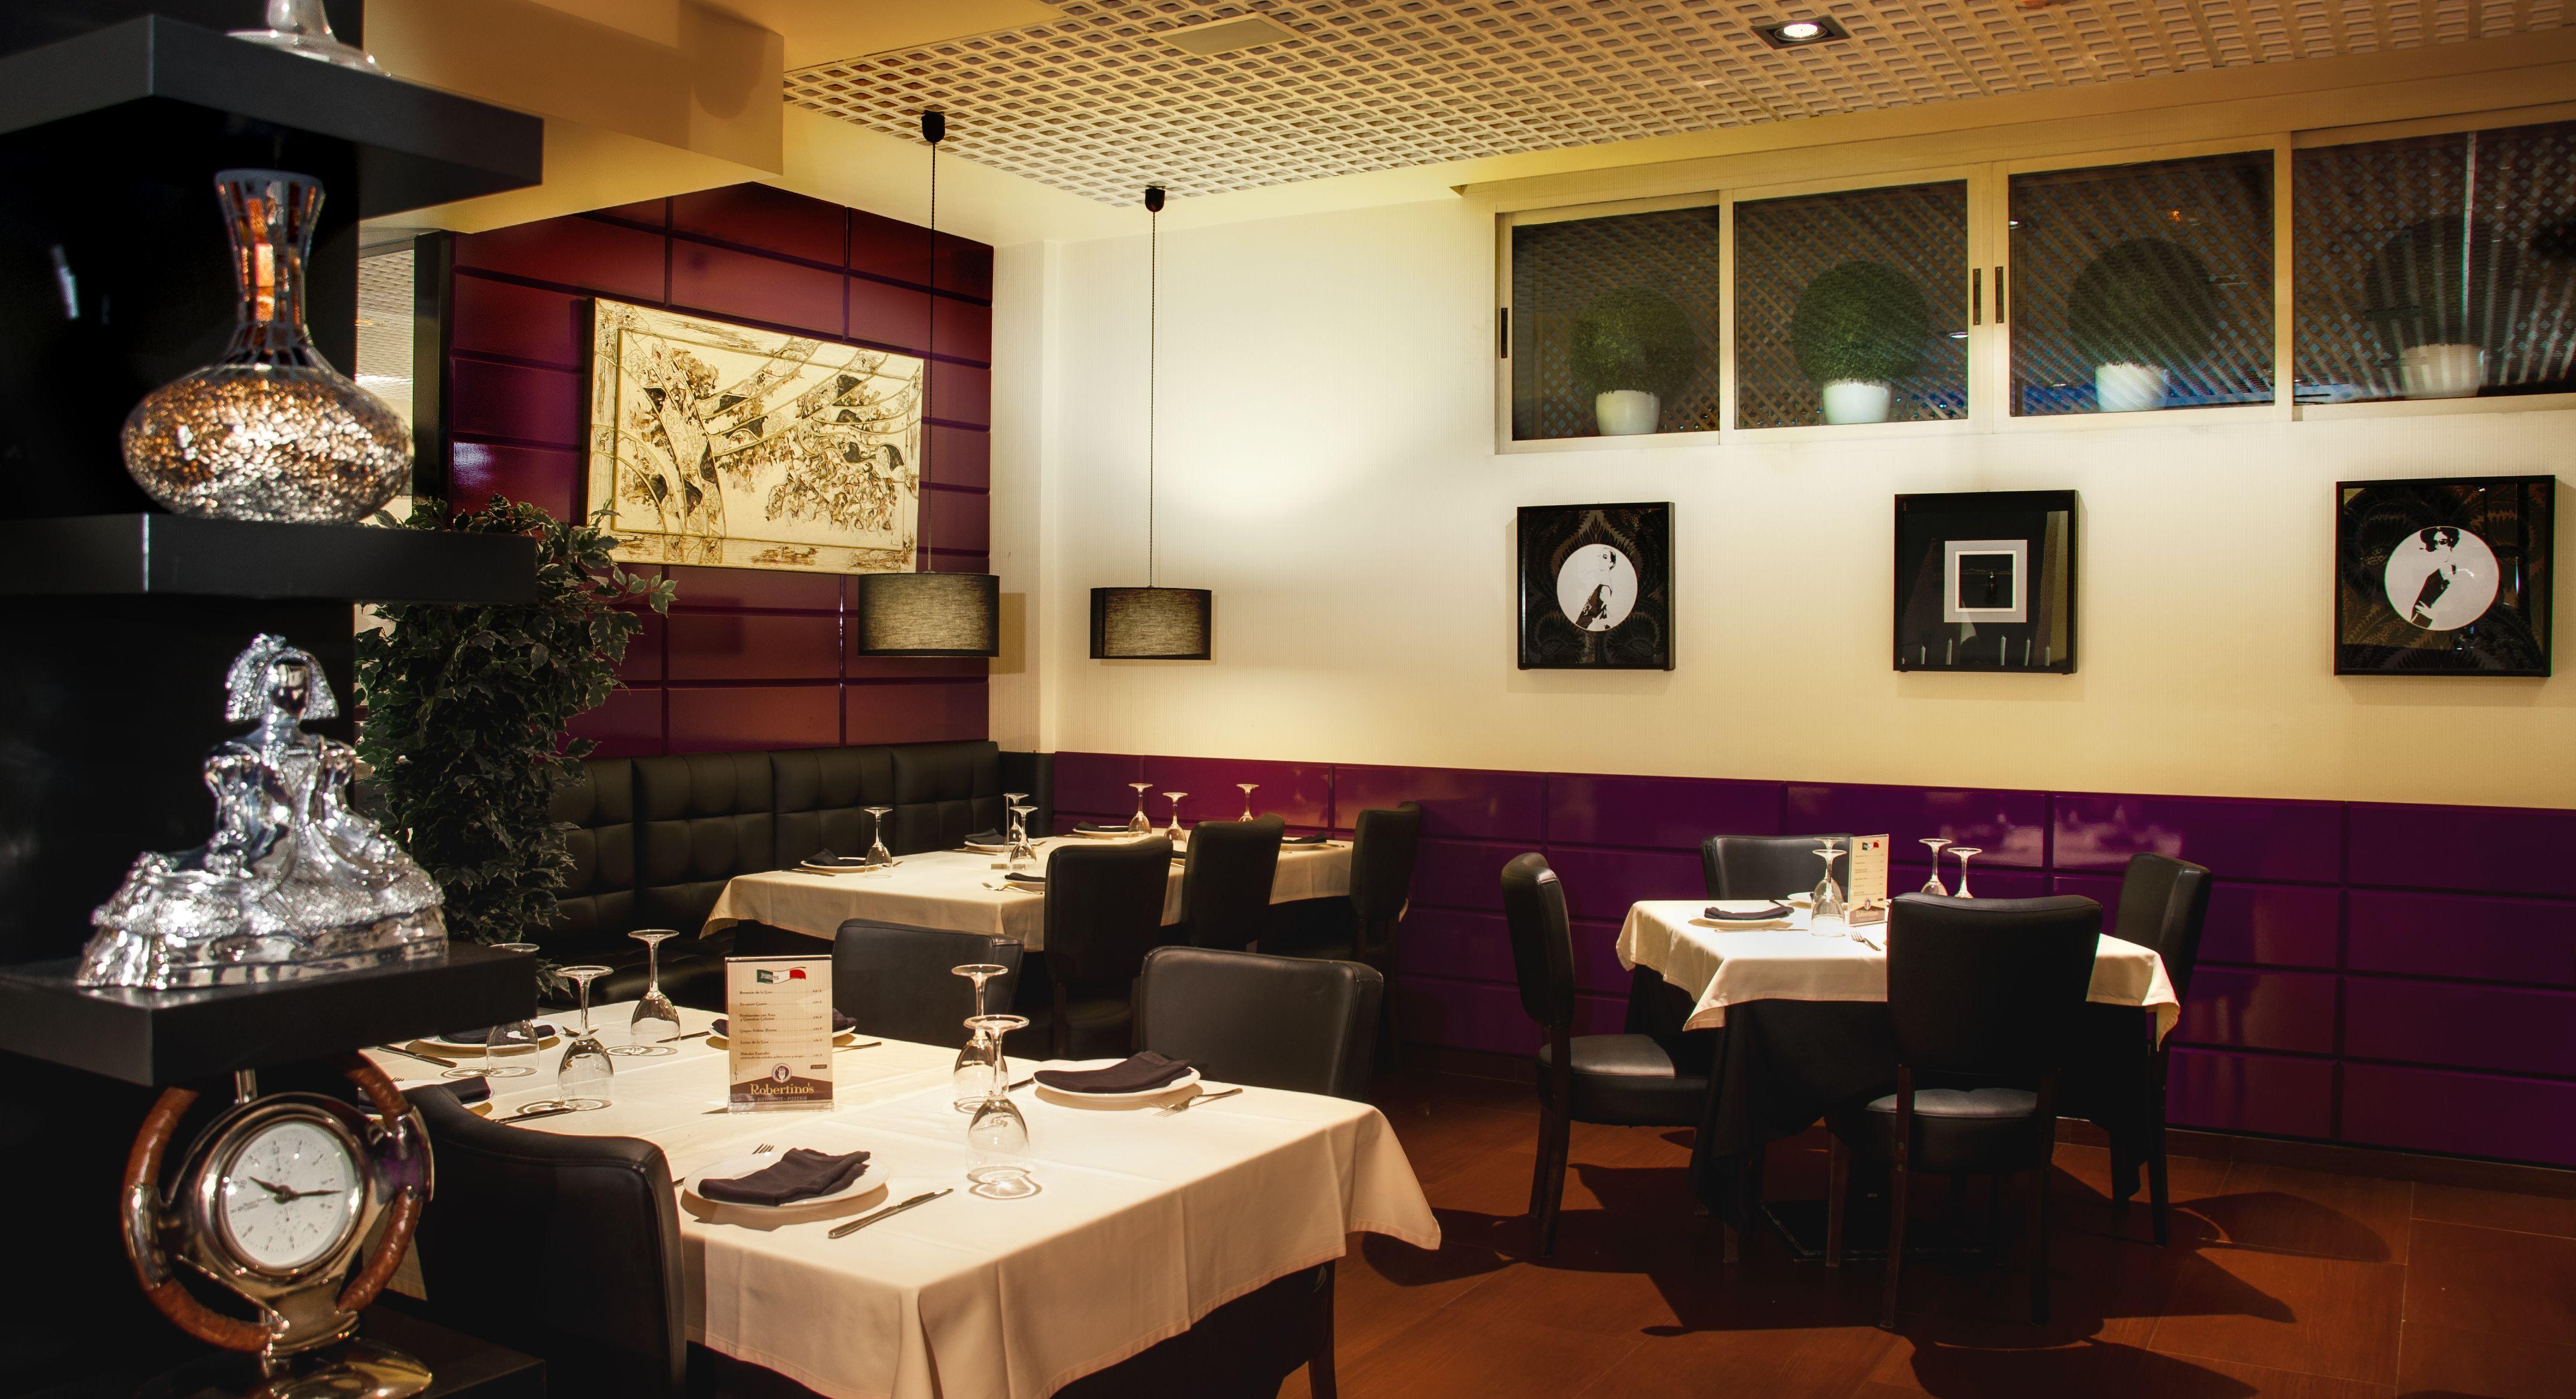 Foto 11 de Restaurante italiano en Collado Villalba | Restaurante Robertinos